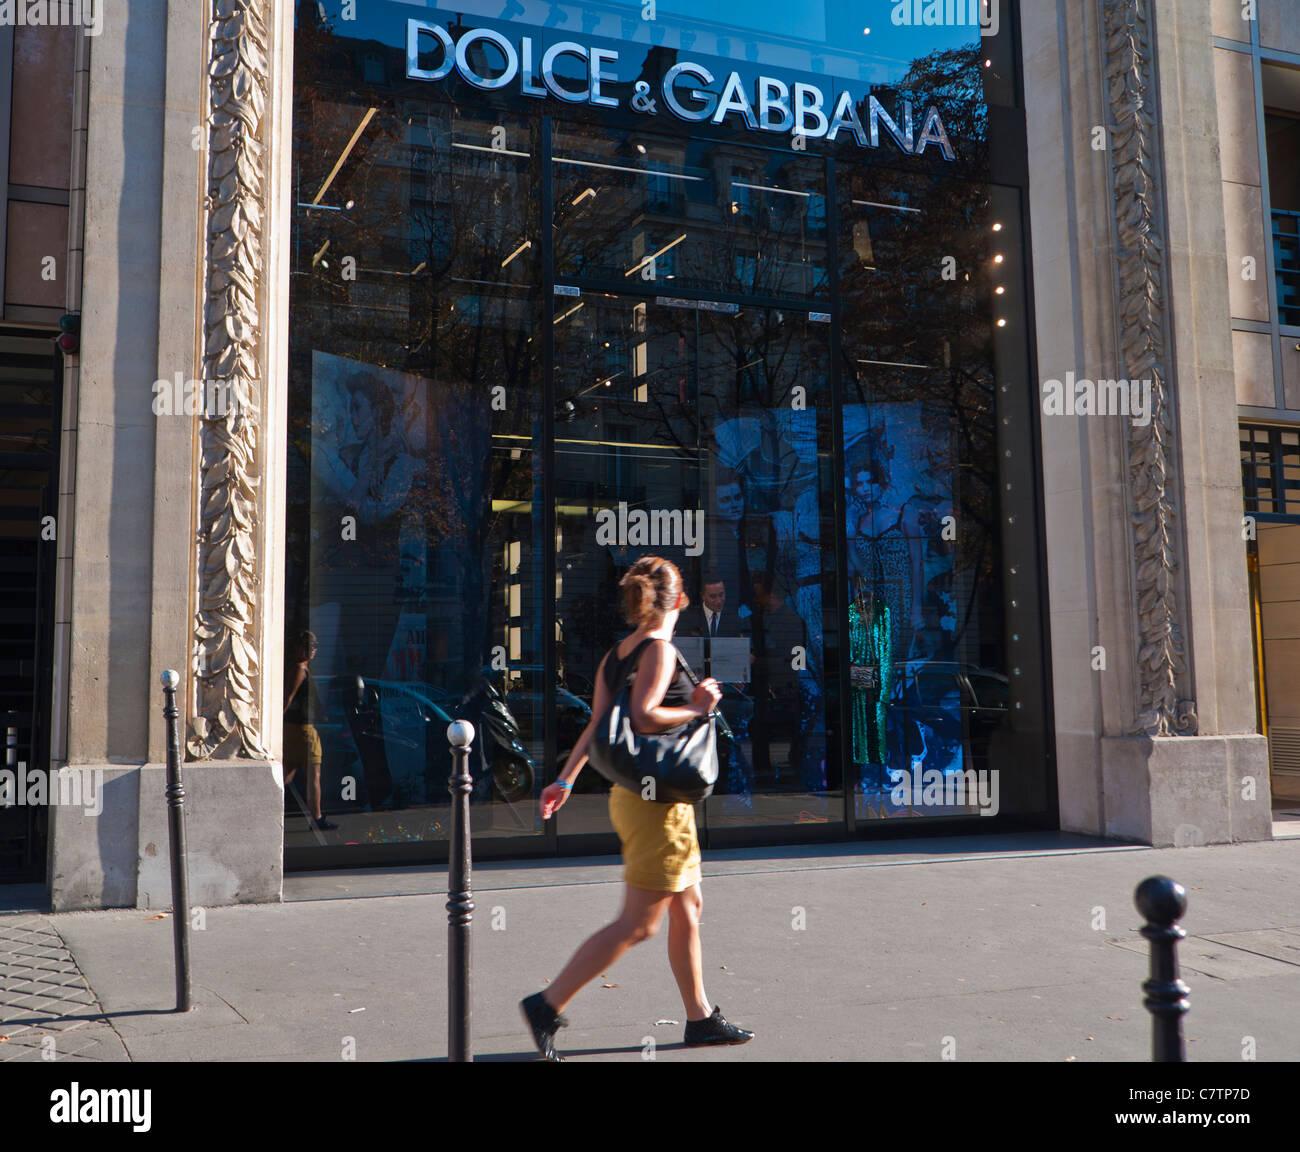 Paris, France, femme marche , Magasin de vêtements, Dolce   Gabbana,  Shopping sur la rue principale, l Avenue Montaigne, Fenêtre avant boutique 91901e574f9f